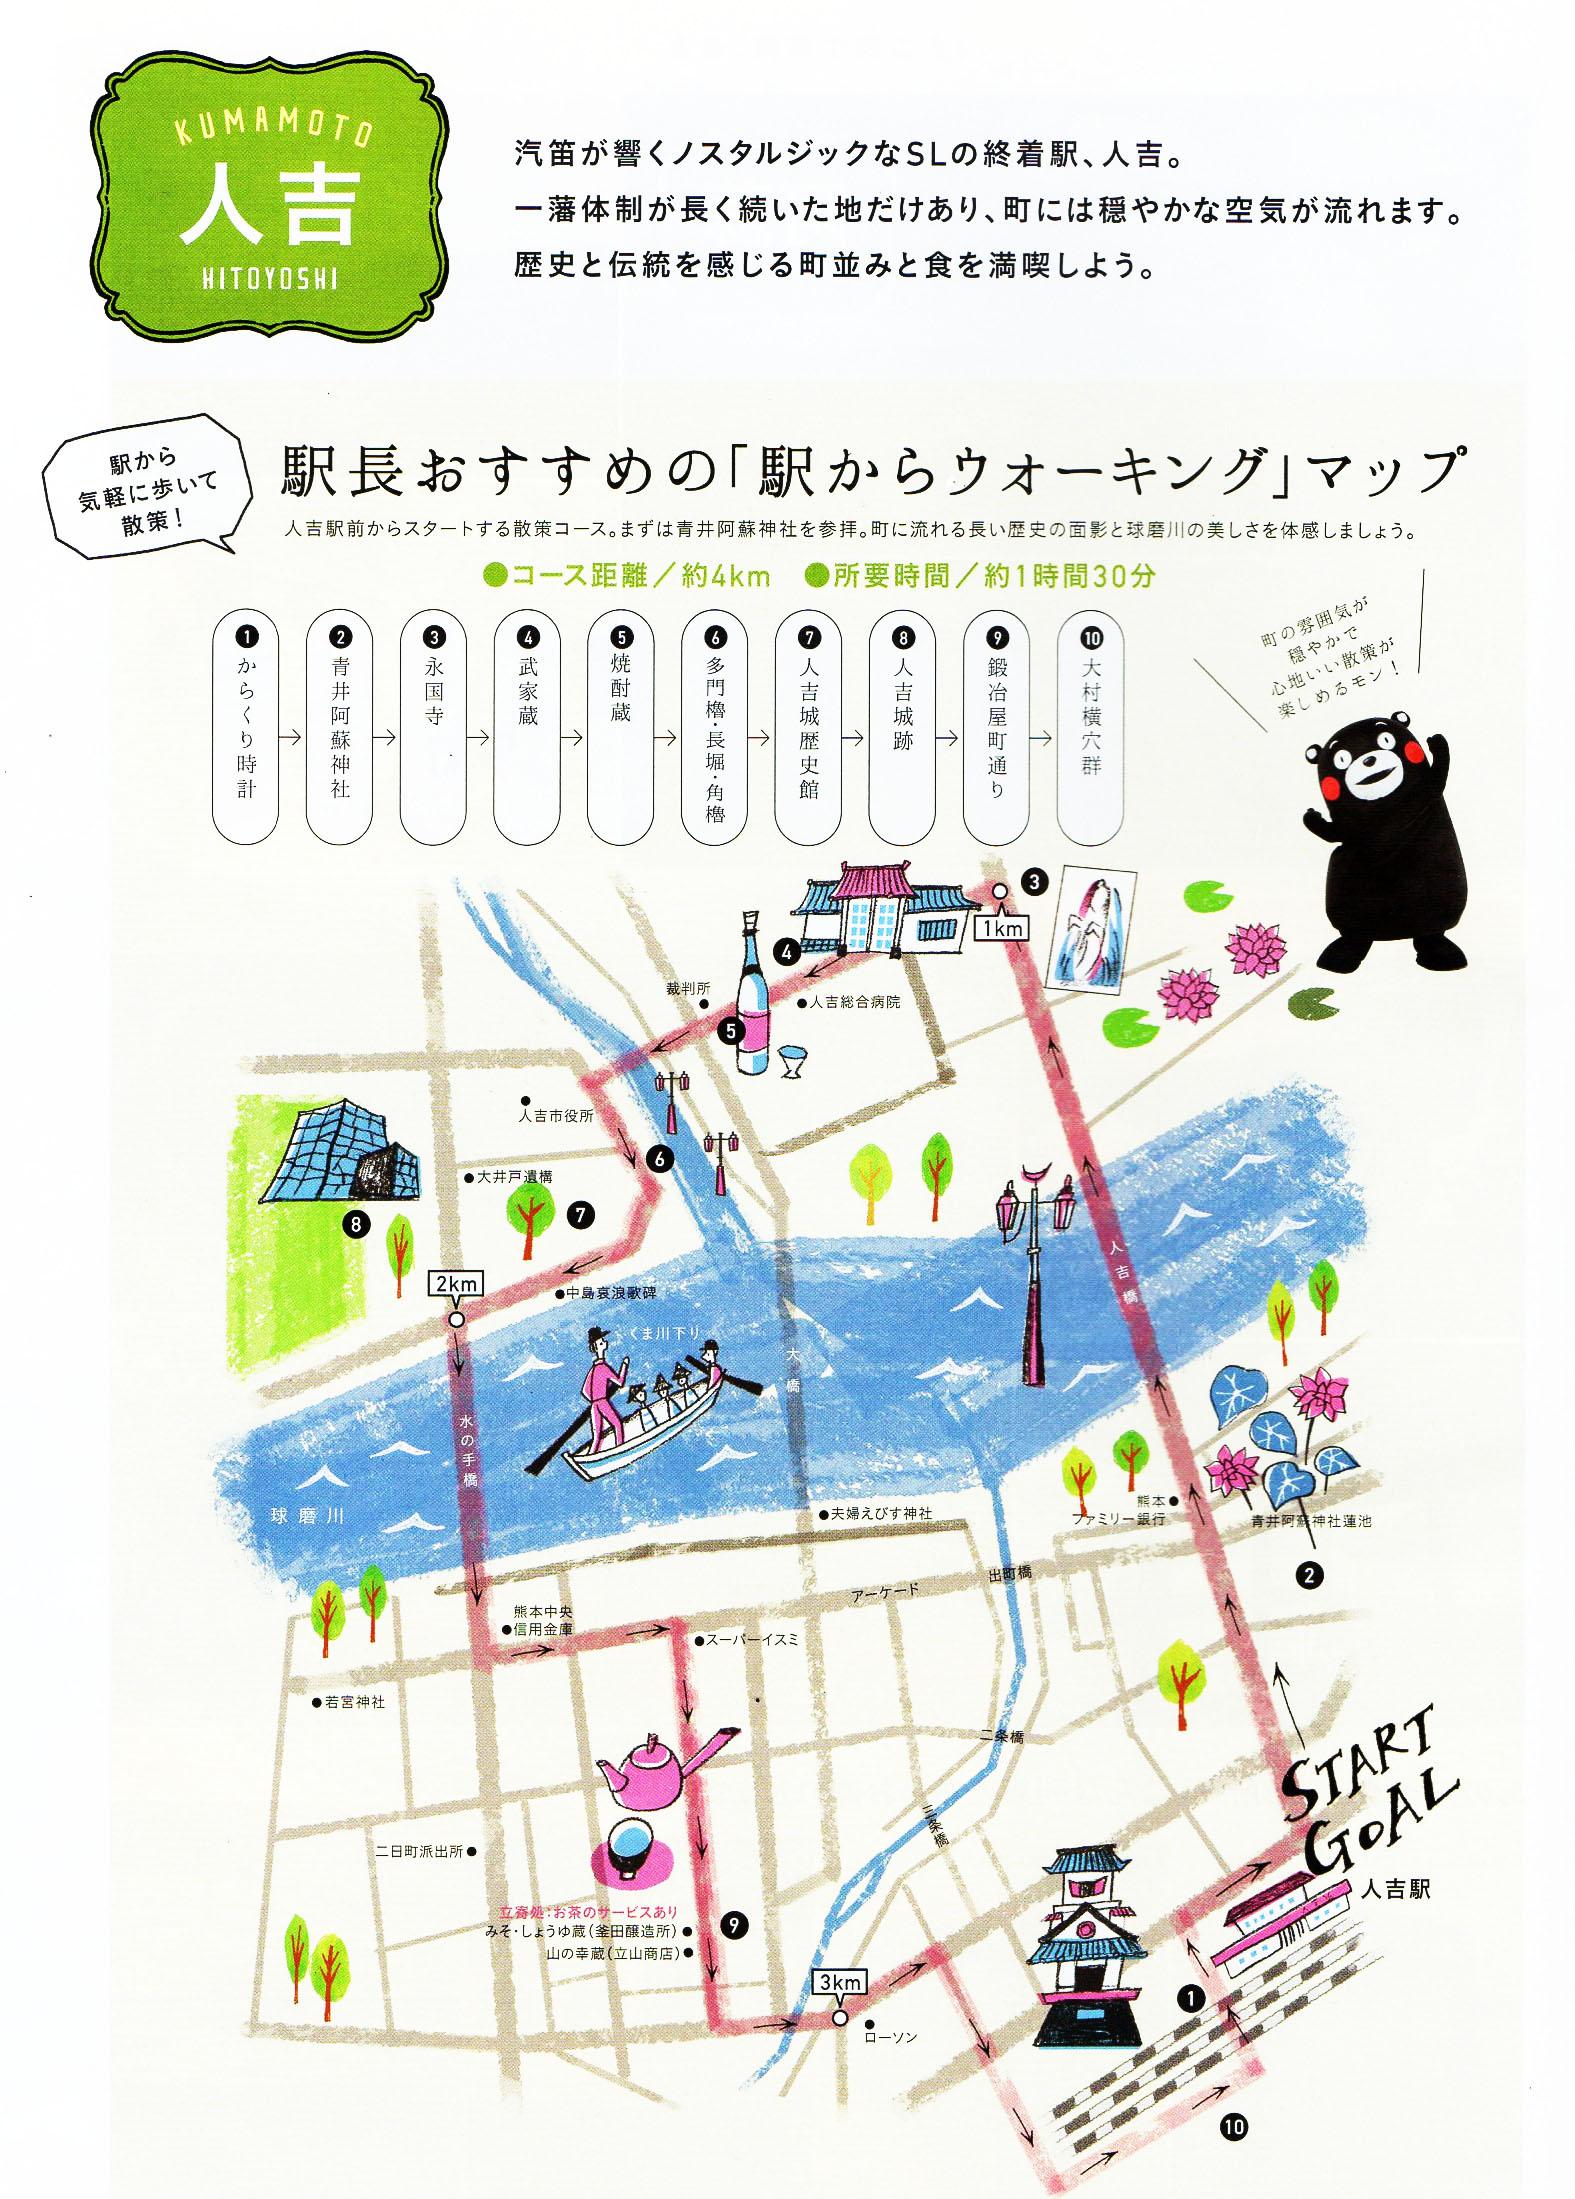 JRマップ誌面-人吉